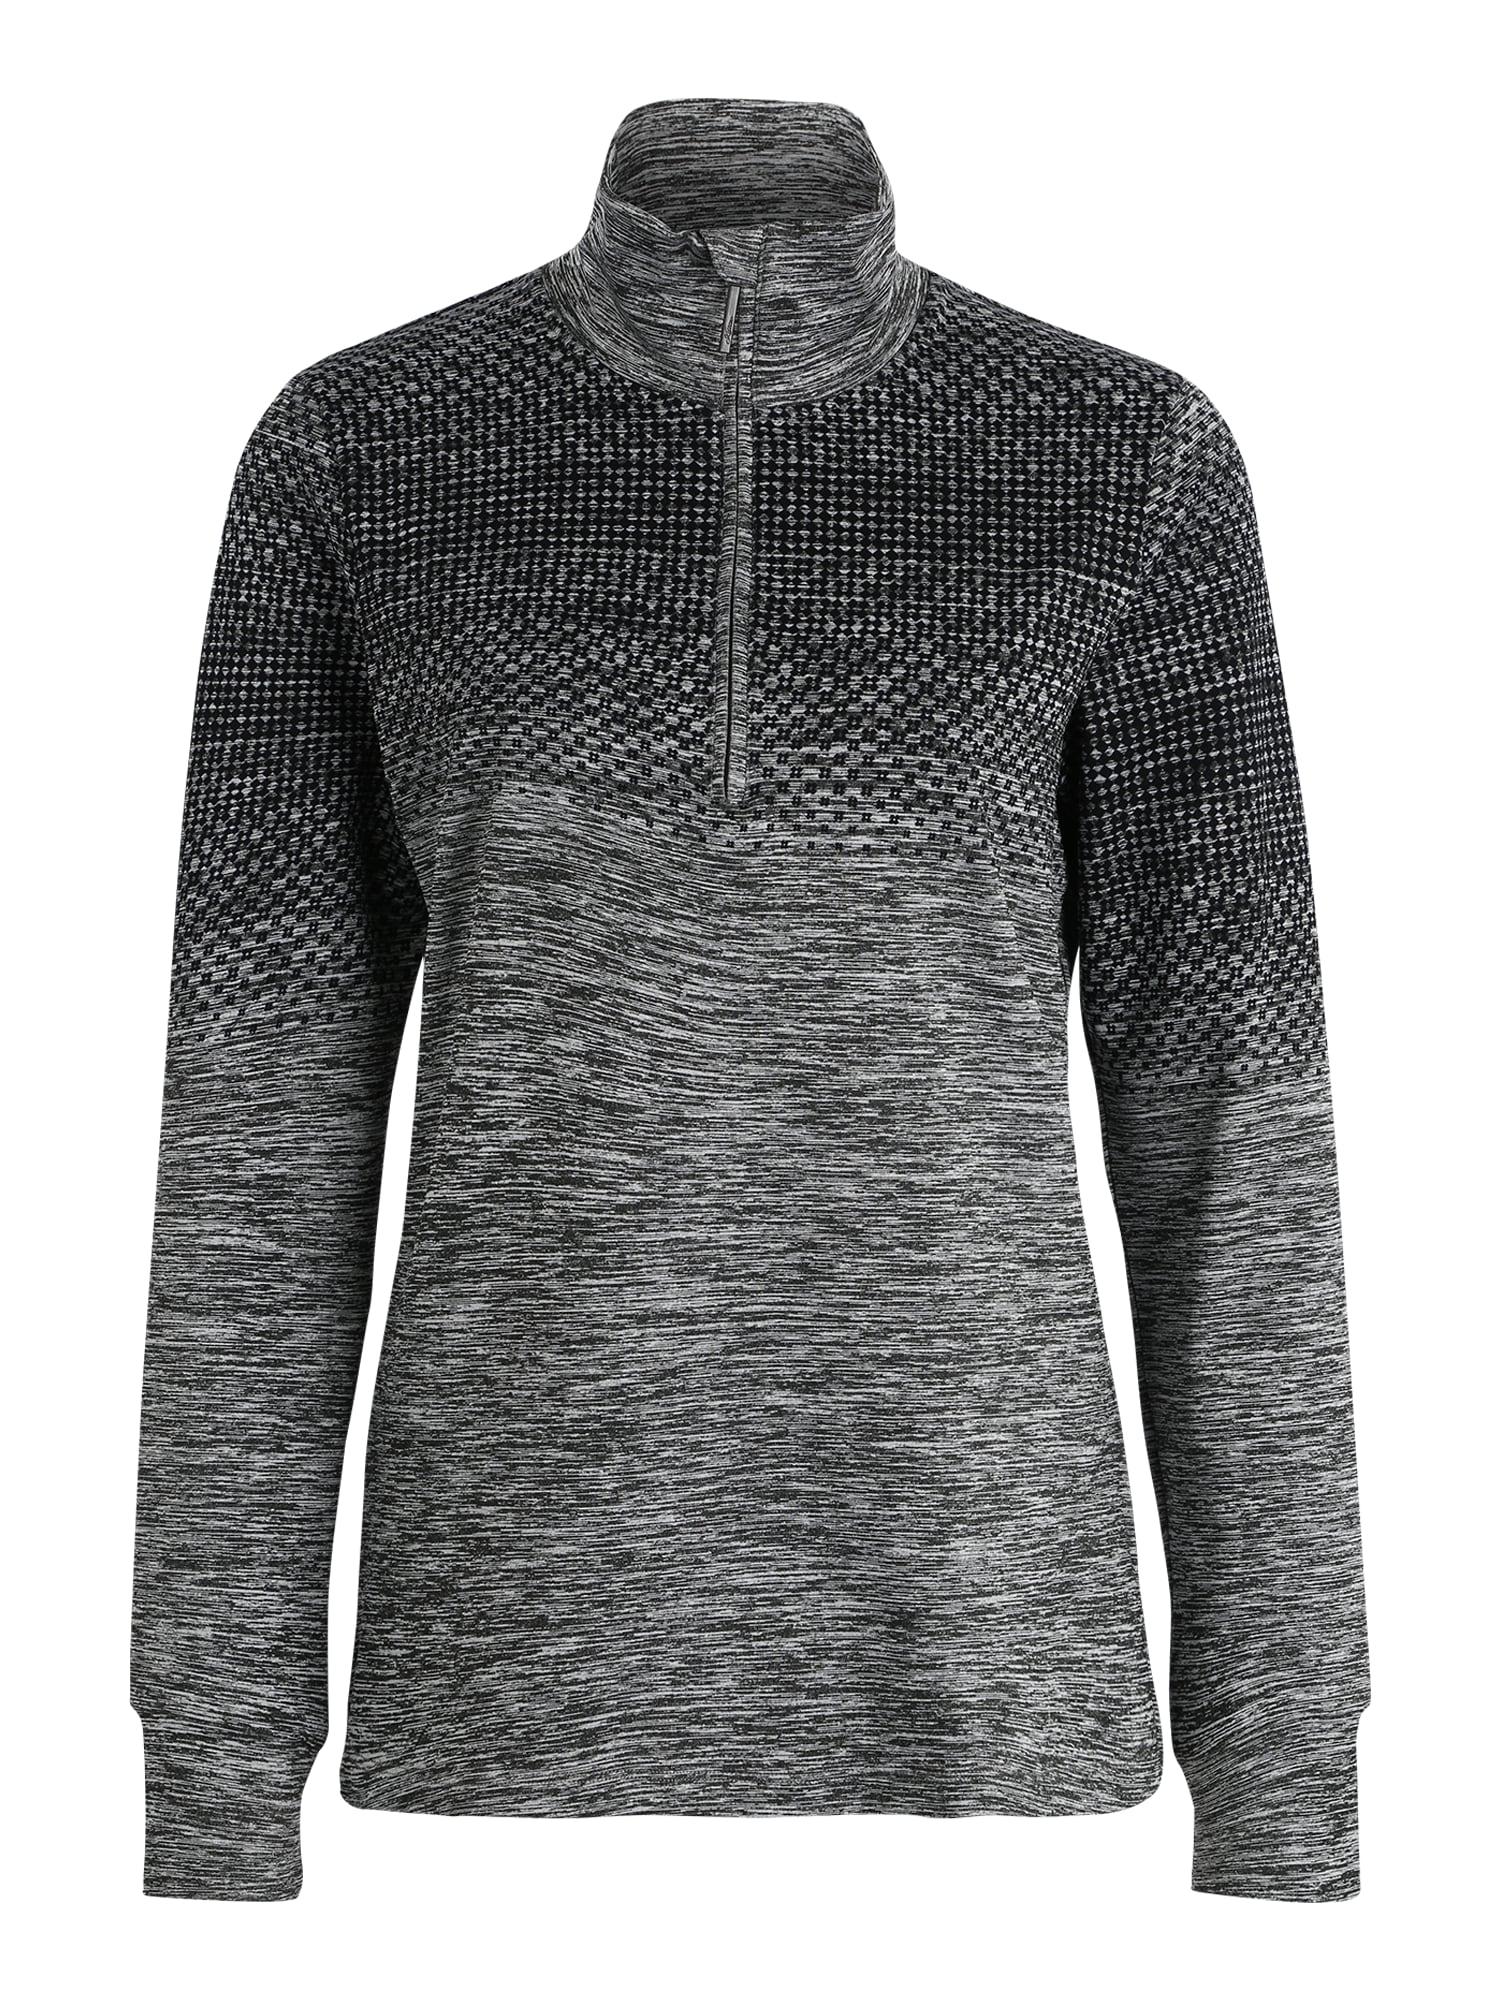 Sport-Sweatshirt 'Ceylin' | Sportbekleidung > Sportshirts > Funktionsshirts | KILLTEC